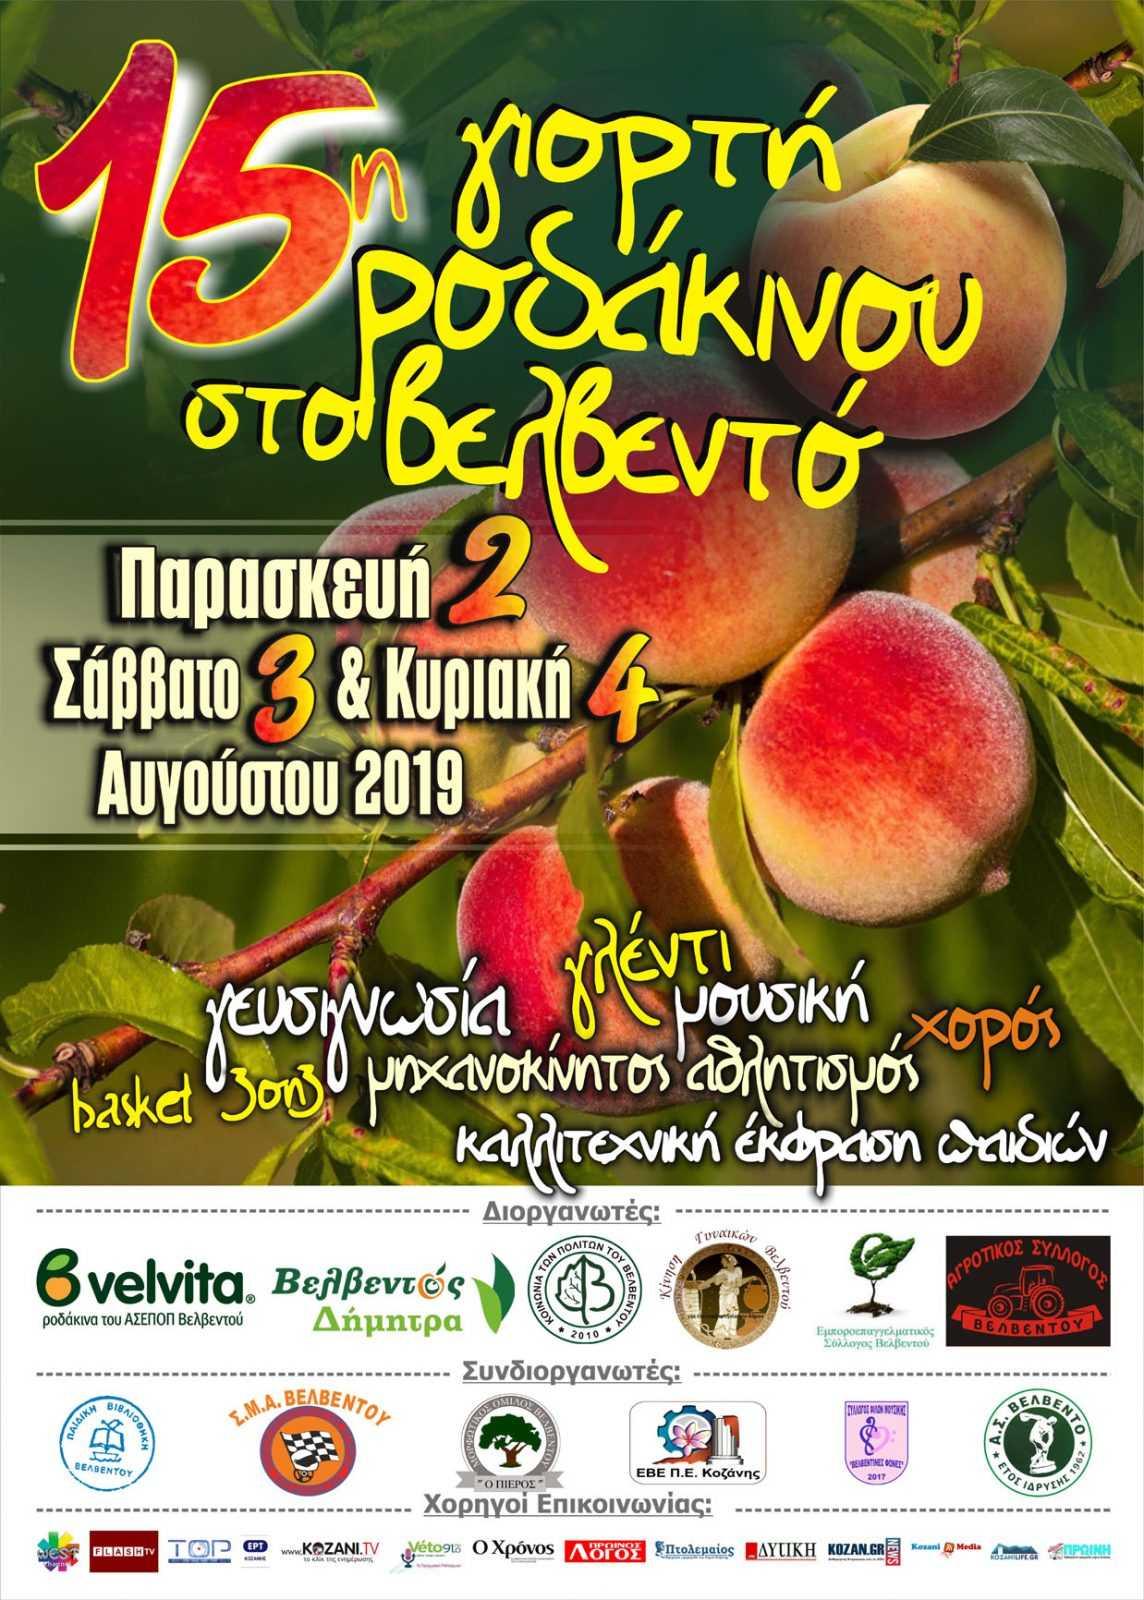 15η Γιορτή Ροδάκινου στο Βελβεντό στις 2,3 και 4 Αυγούστου. Ολόκληρο το πρόγραμμα